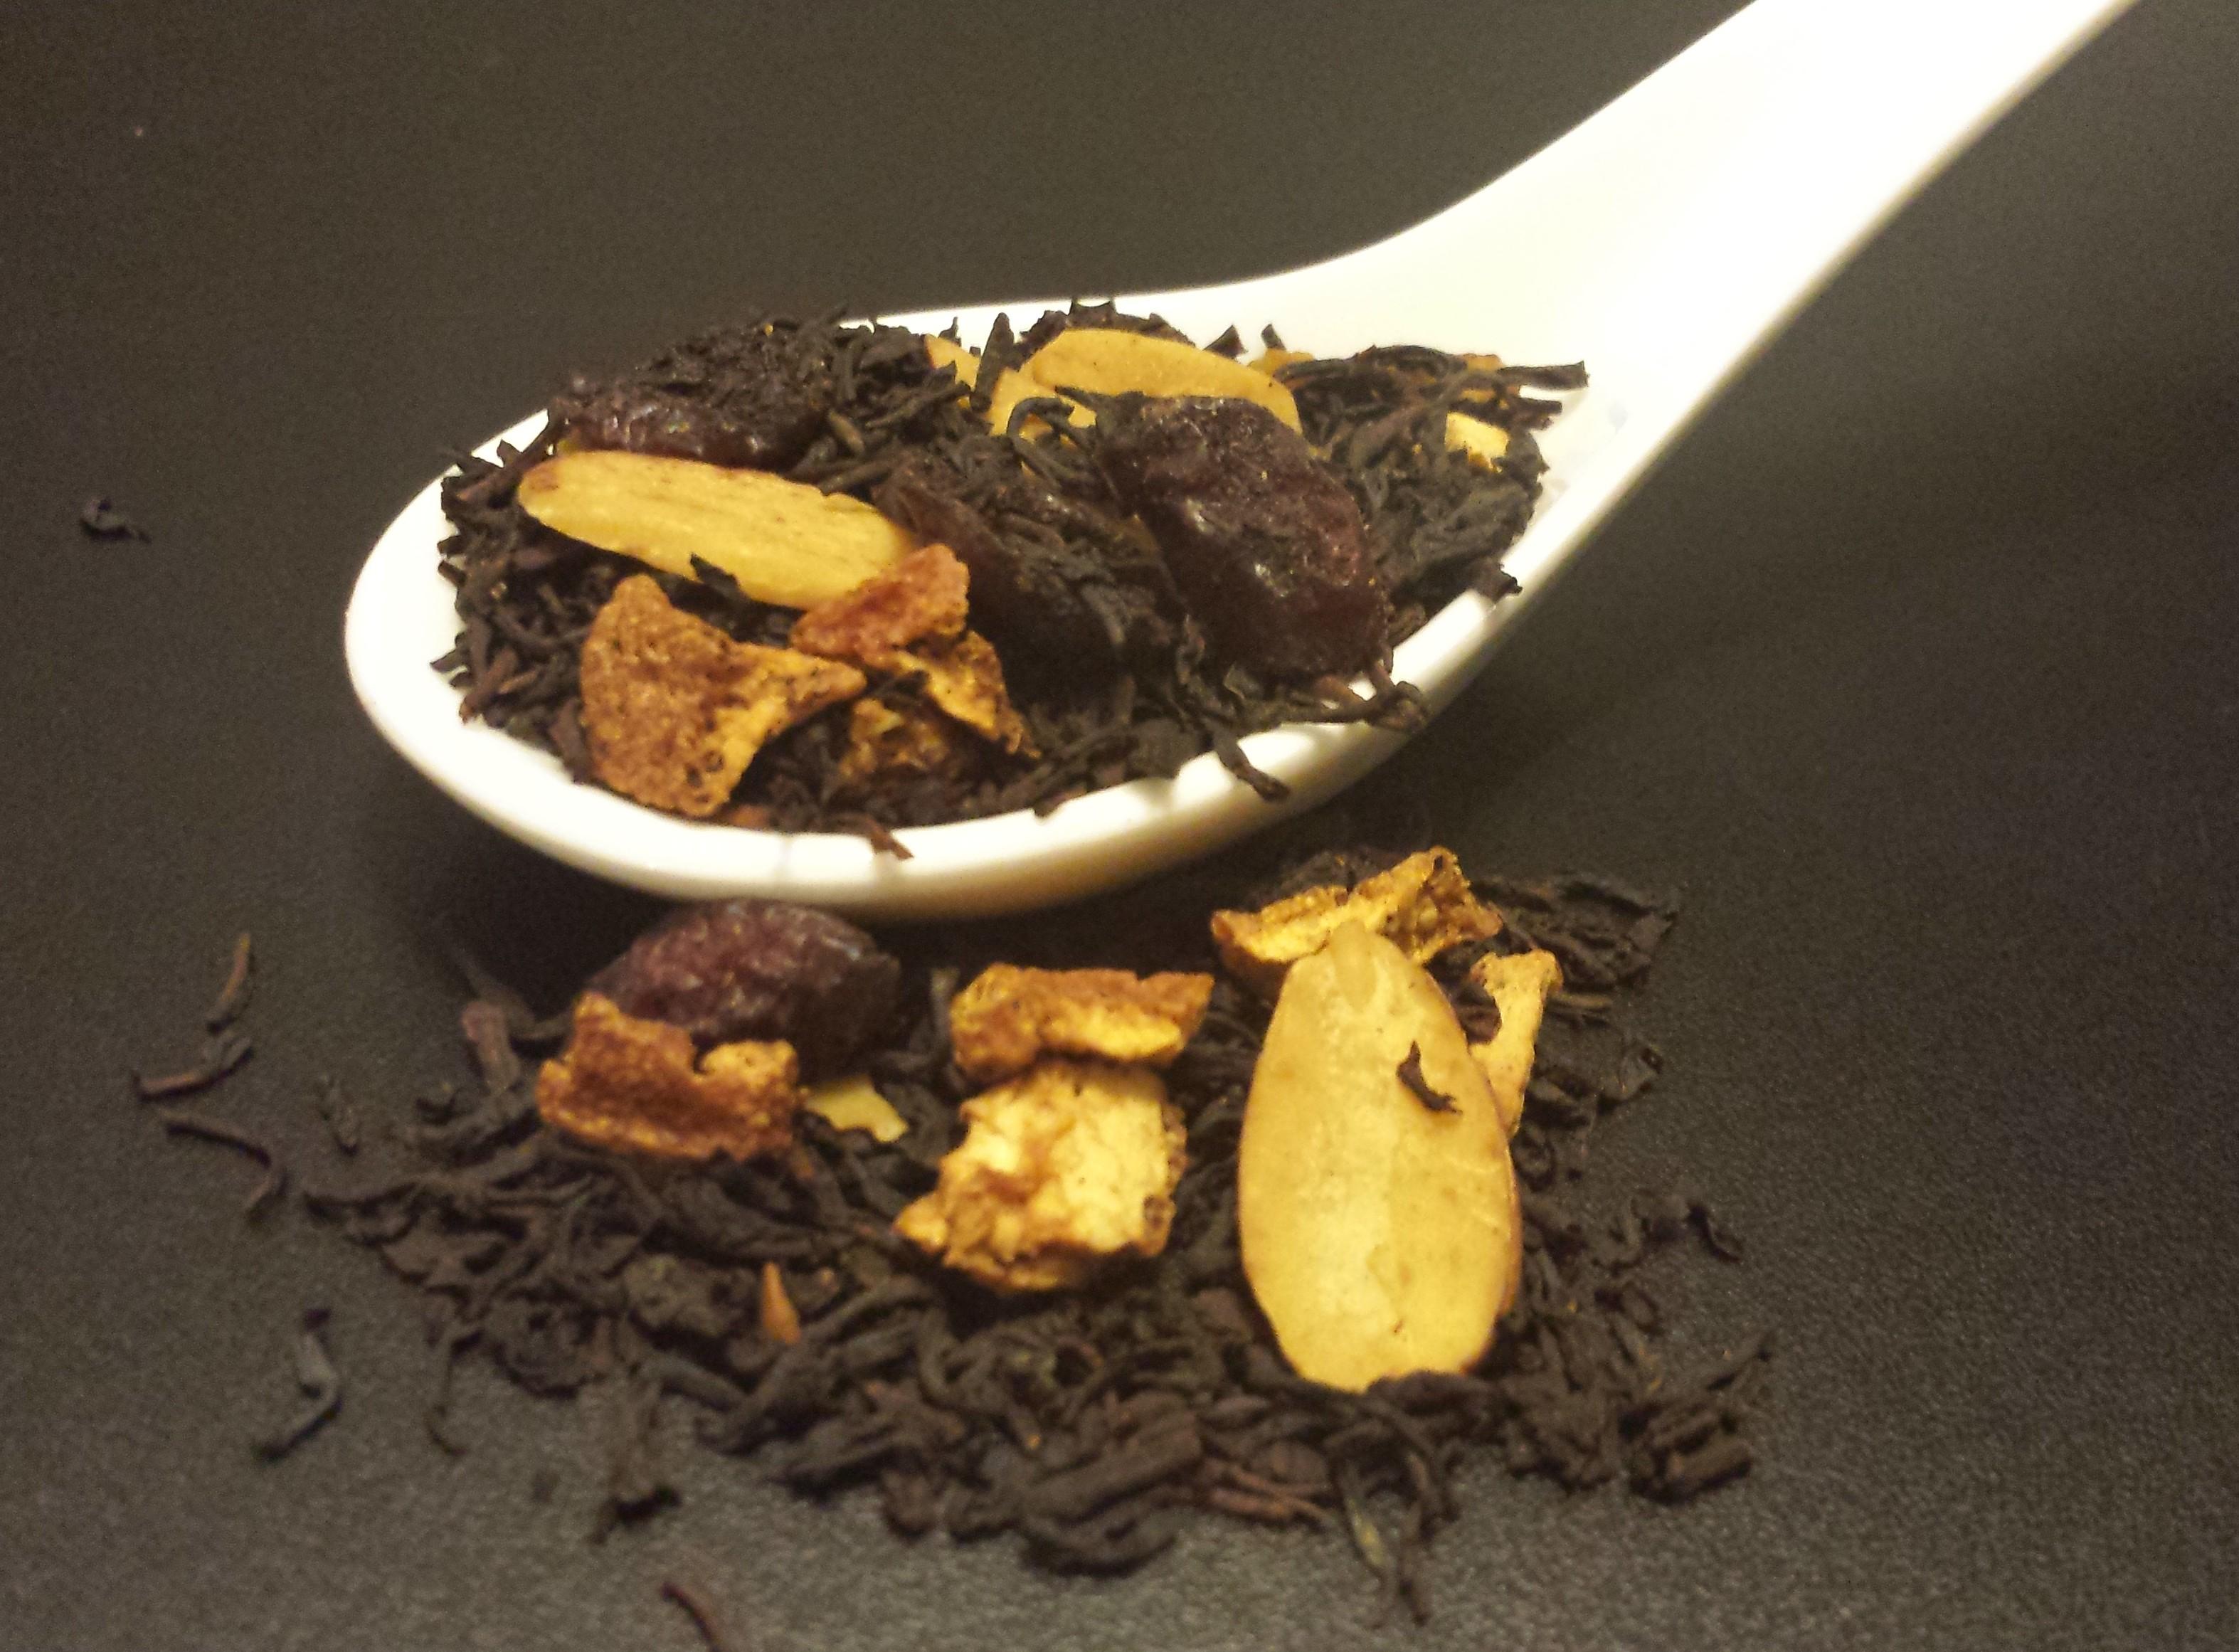 Nutcracker, black tea, orange peel, cranberry, cinnamon, chocolate mint, almond, seasonal, holiday